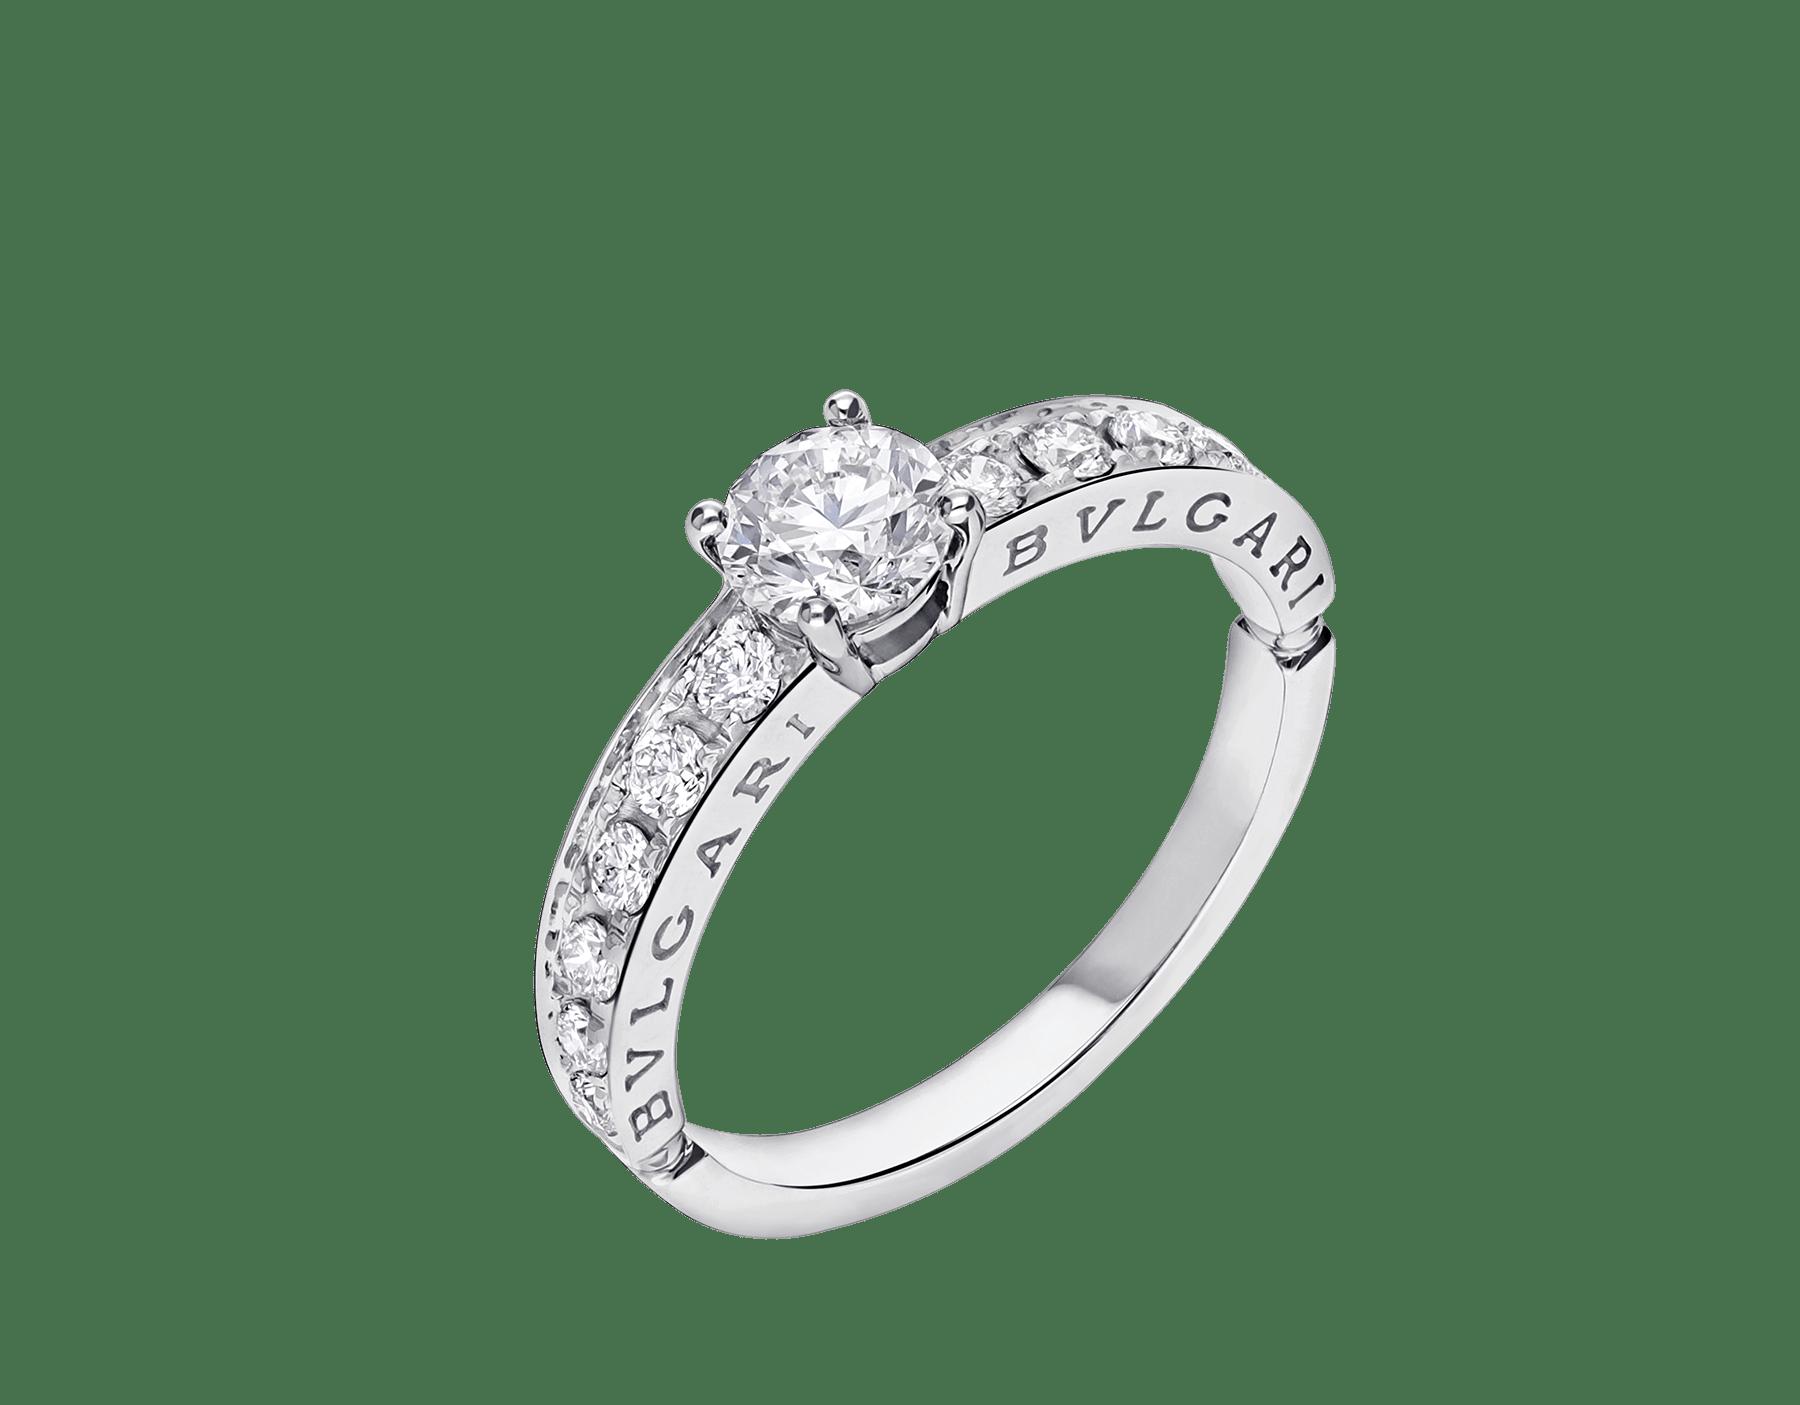 Dedicata a Venezia: solitaire1503 en platine serti d'un diamant rond taille brillant et pavé diamants 343211 image 2